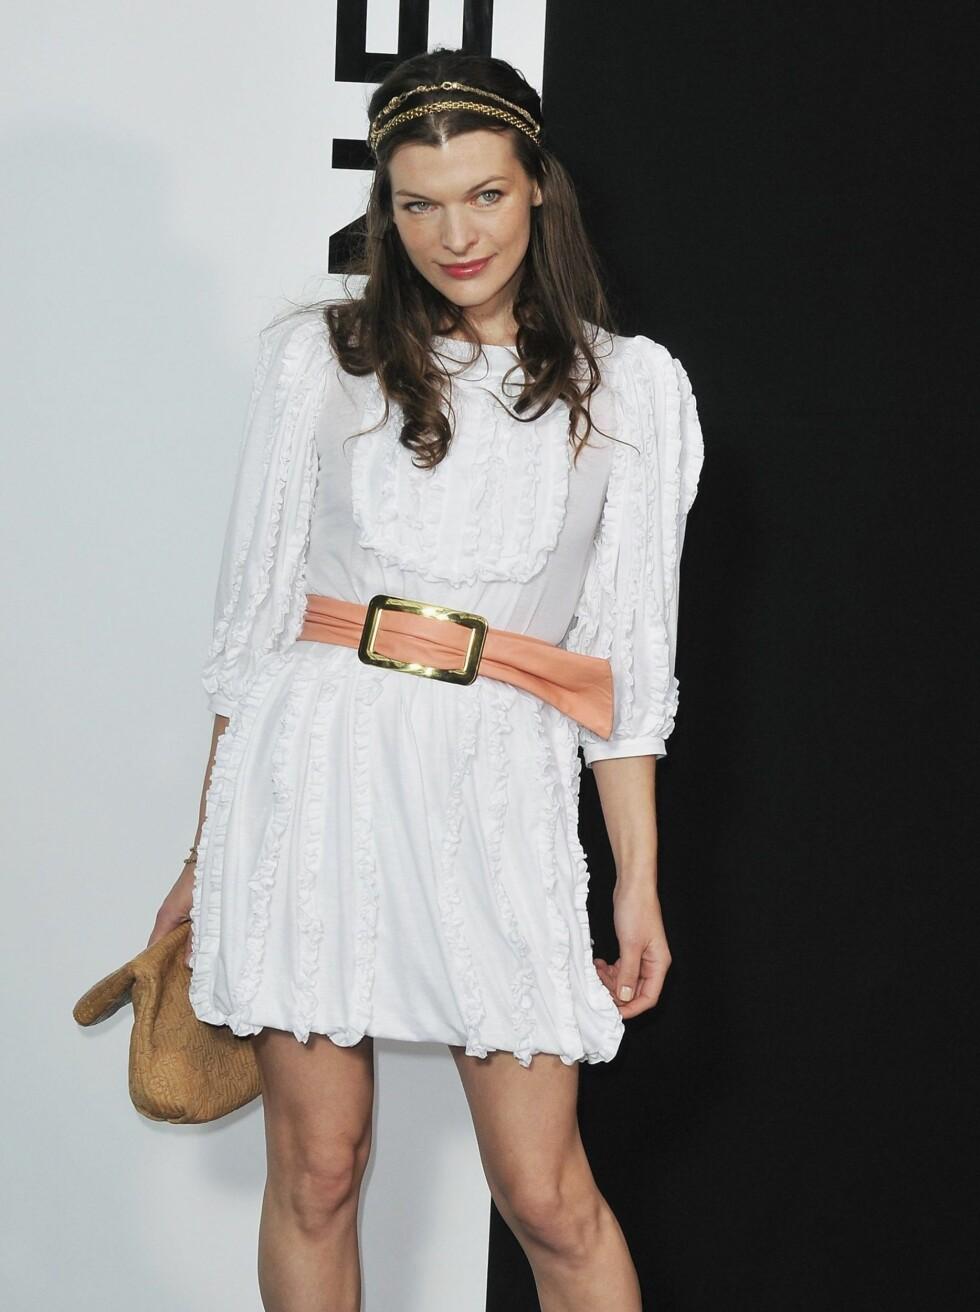 Supermodell og designer Milla Jovovich var på plass i romantisk hvit kjole med babyrosa belte i livet.  Foto: All Over Press